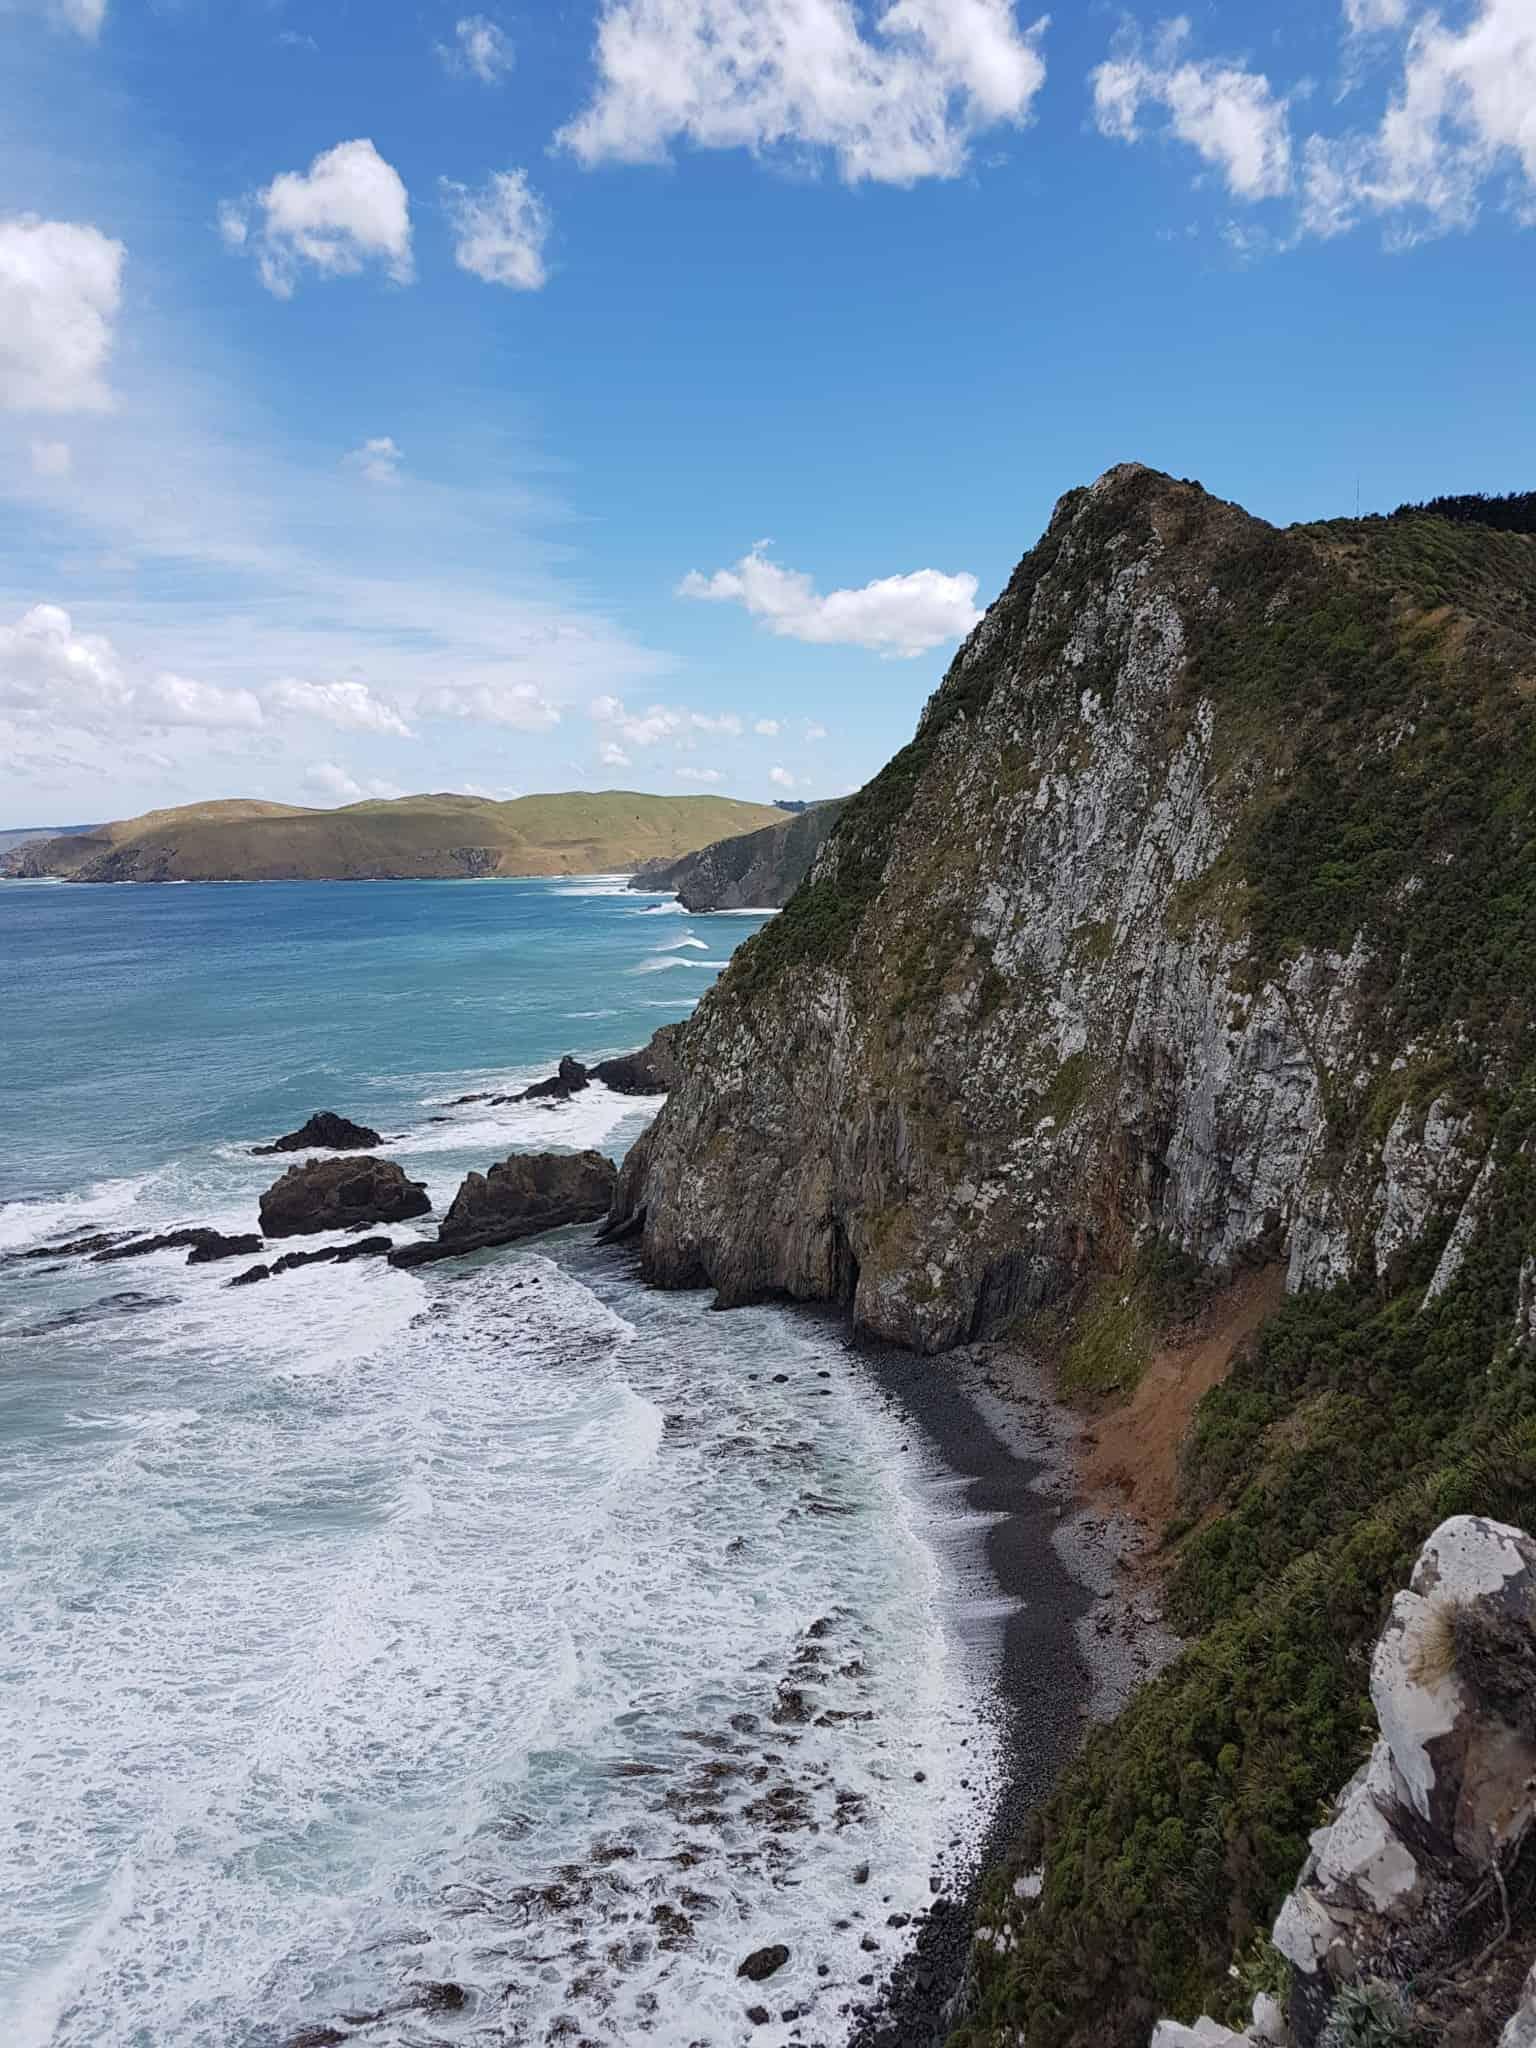 Nouvelle-Zélande, rencontre avec les pingouins aux yeux jaunes 🐧 22